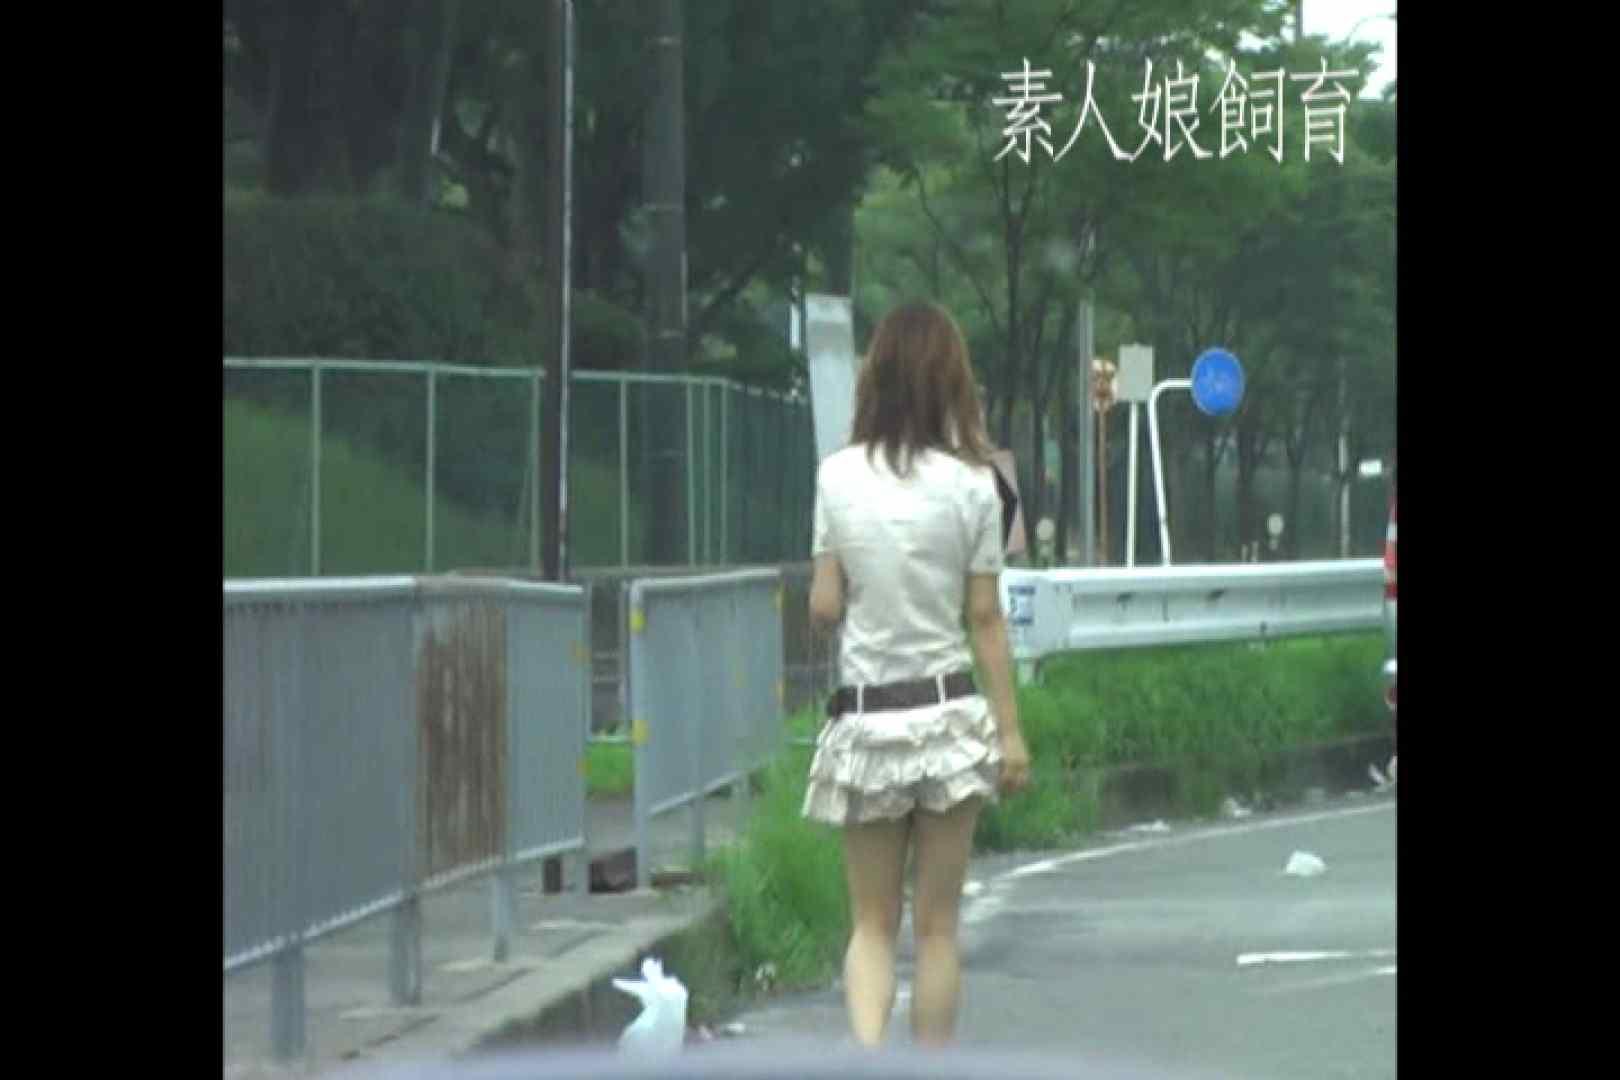 素人嬢飼育~お前の餌は他人棒~8月4日露出撮影貸出 他人棒 エロ無料画像 94pic 89